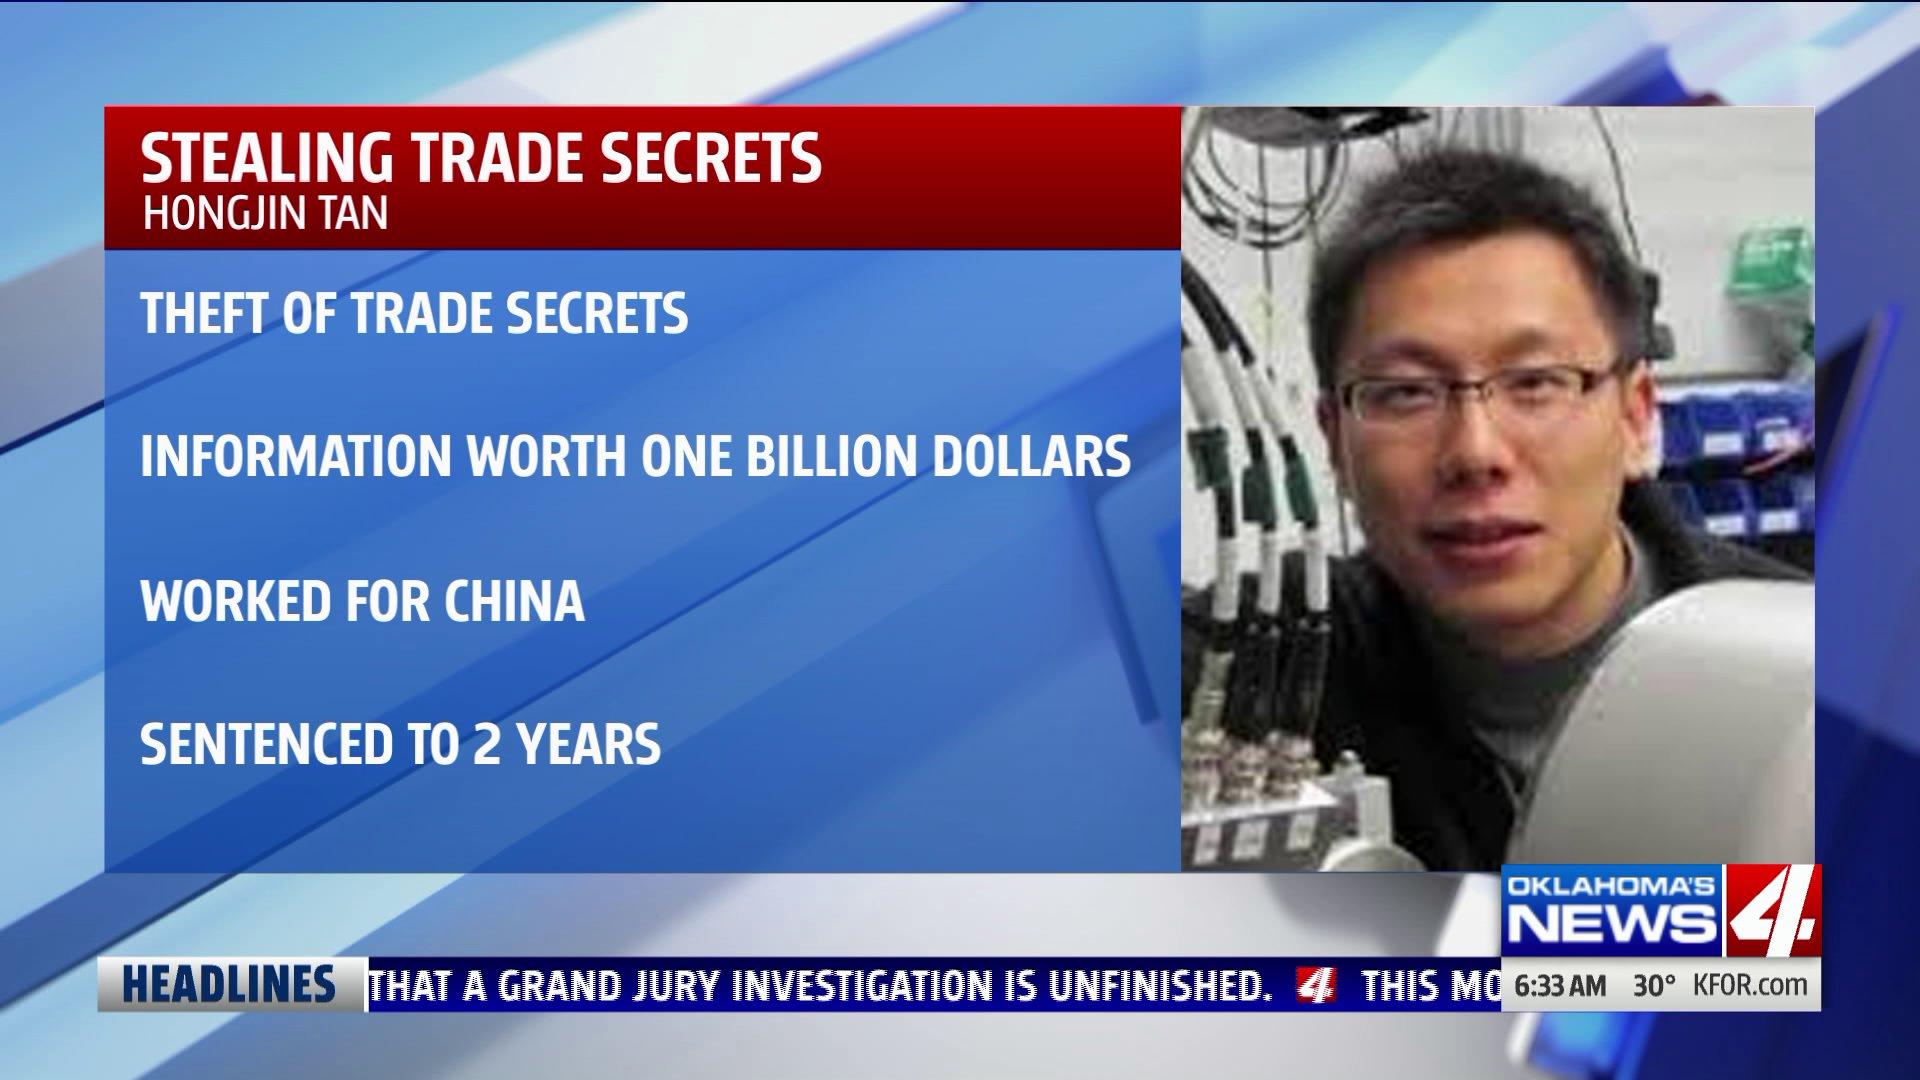 Nhà khoa học Trung Cộng Hongjin Tan bị phạt tù hai năm vì ăn cắp bí mật thương mại từ công ty năng lượng Hoa Kỳ